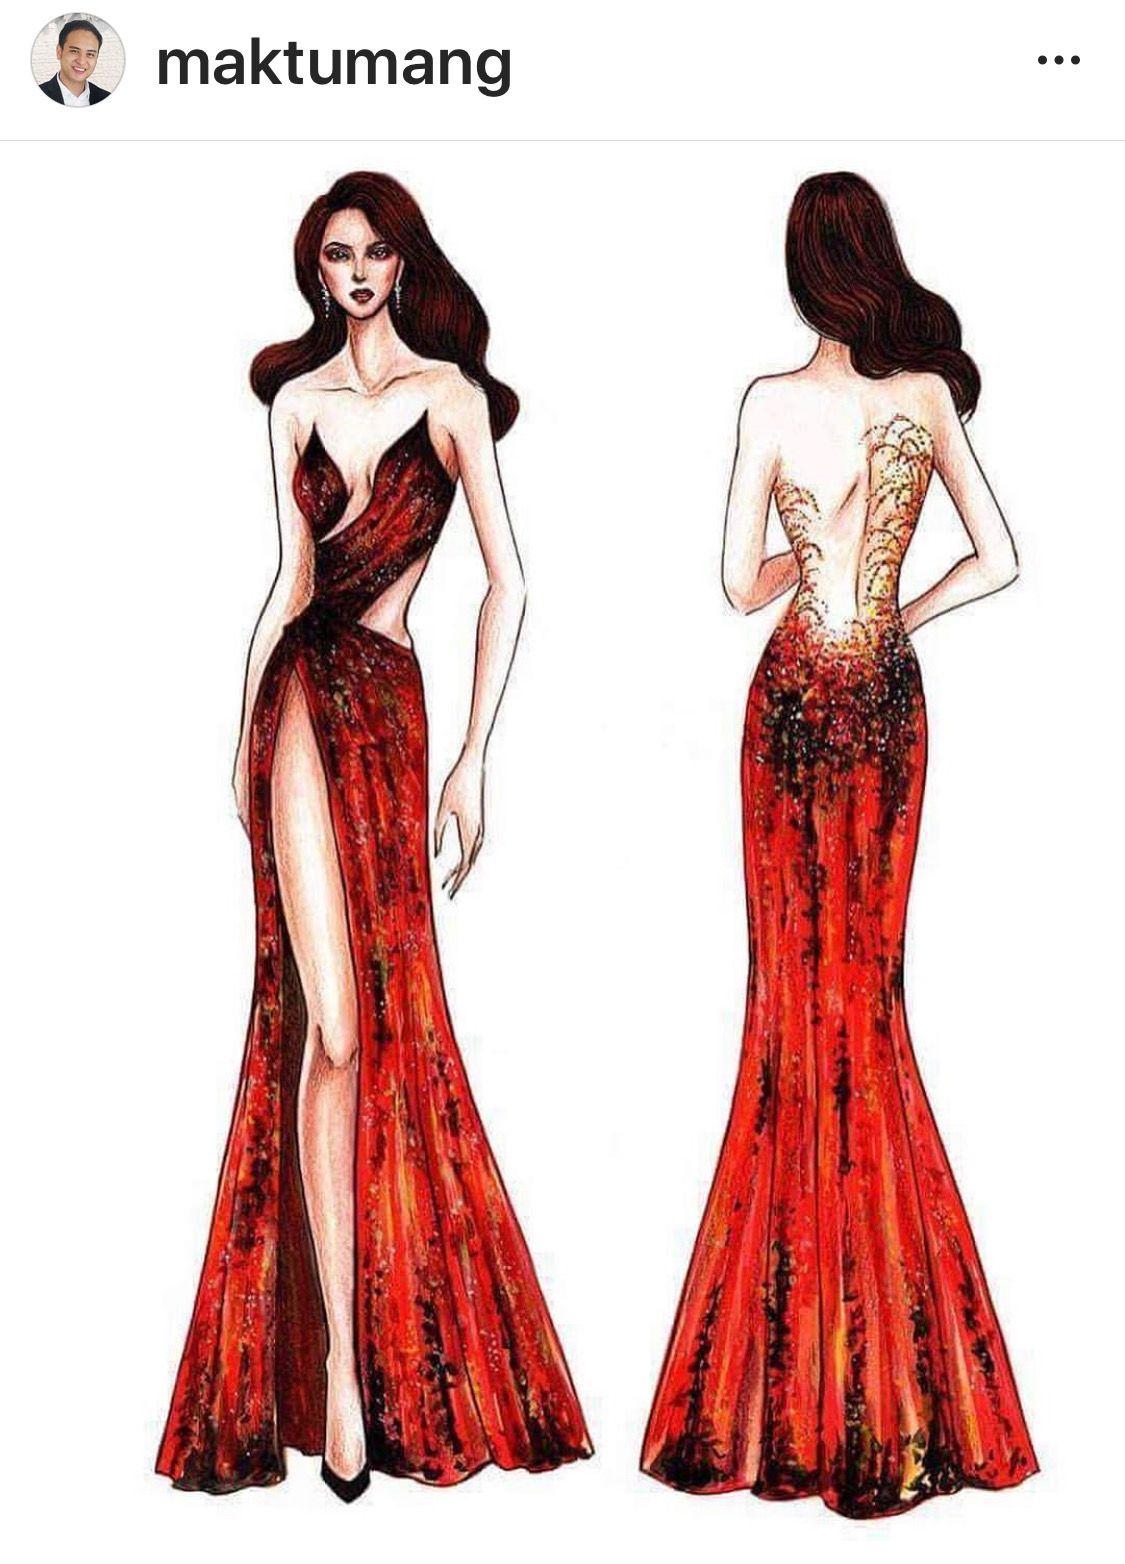 Pin By Adriana Gonzalez On Barbies Fashion Illustration Sketches Dresses Fashion Illustration Dresses Fashion Drawing Dresses